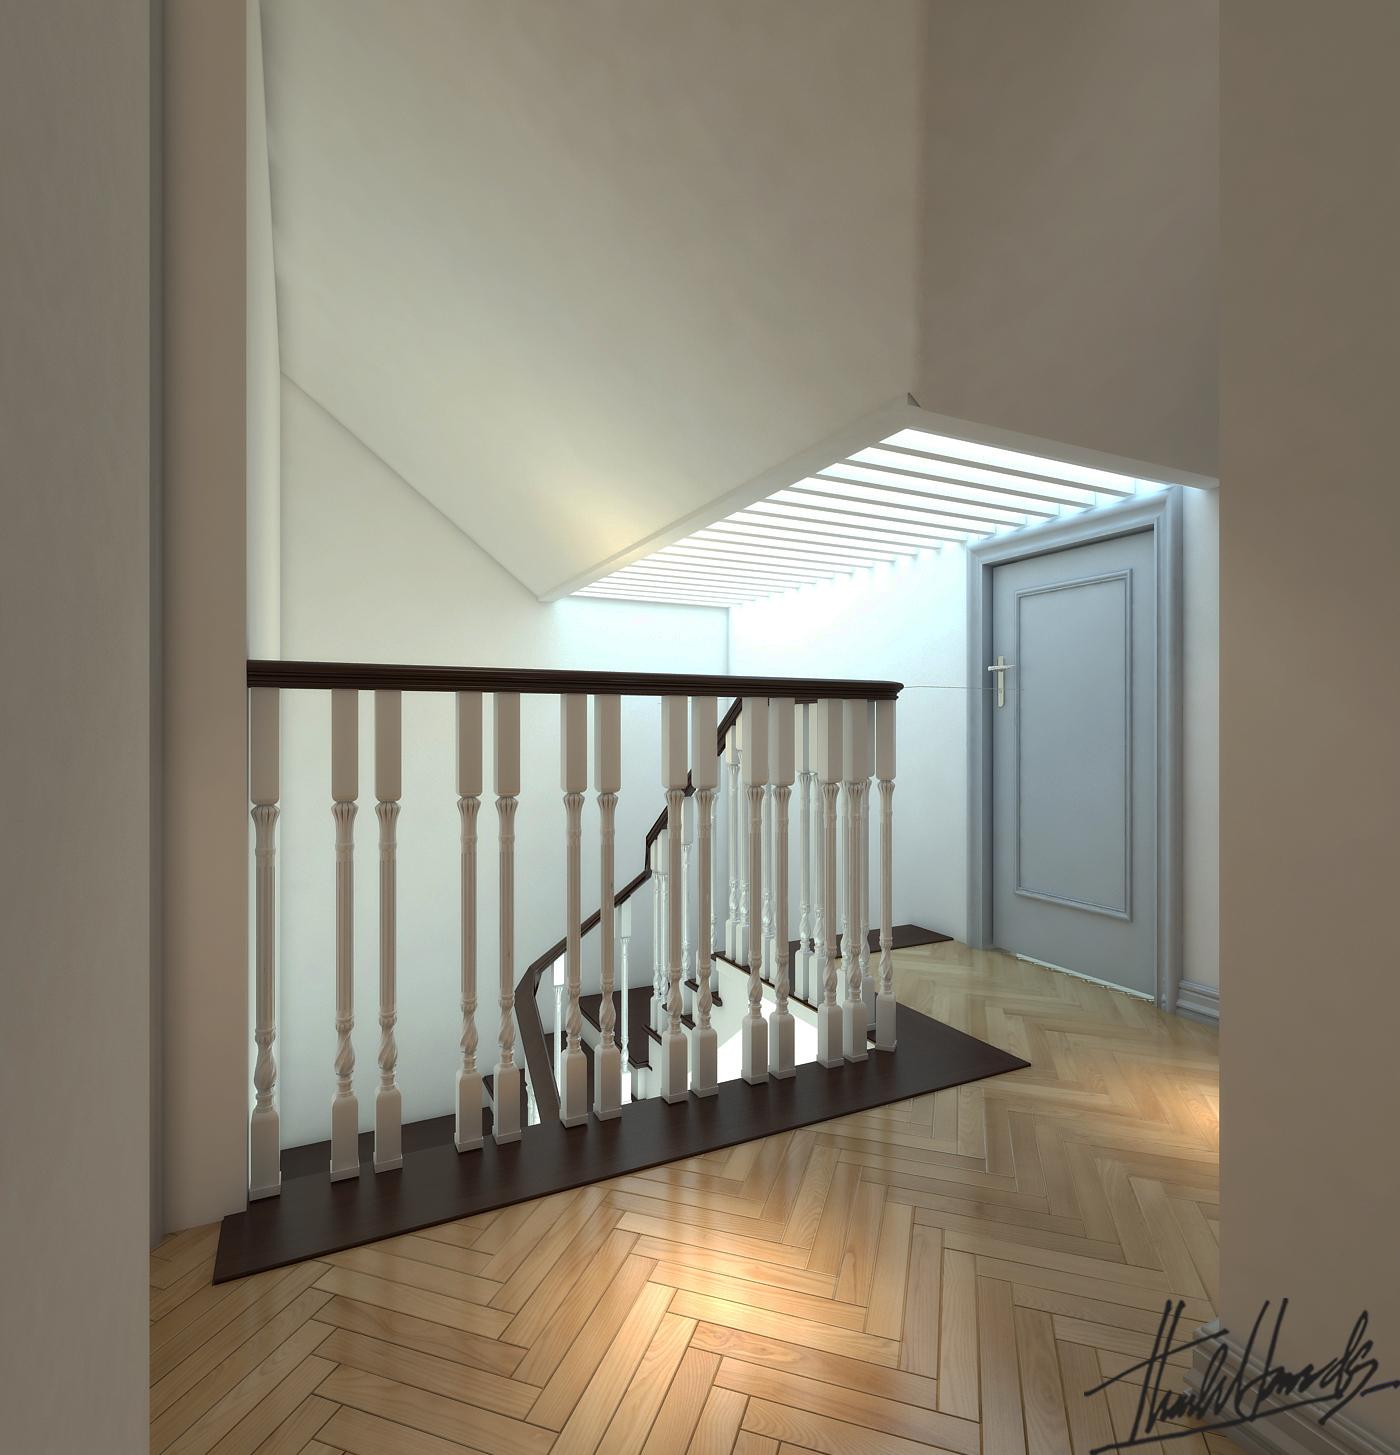 thiết kế nội thất Biệt Thự tại Hà Nội bt Vinhomes - riverside 12 1568274527